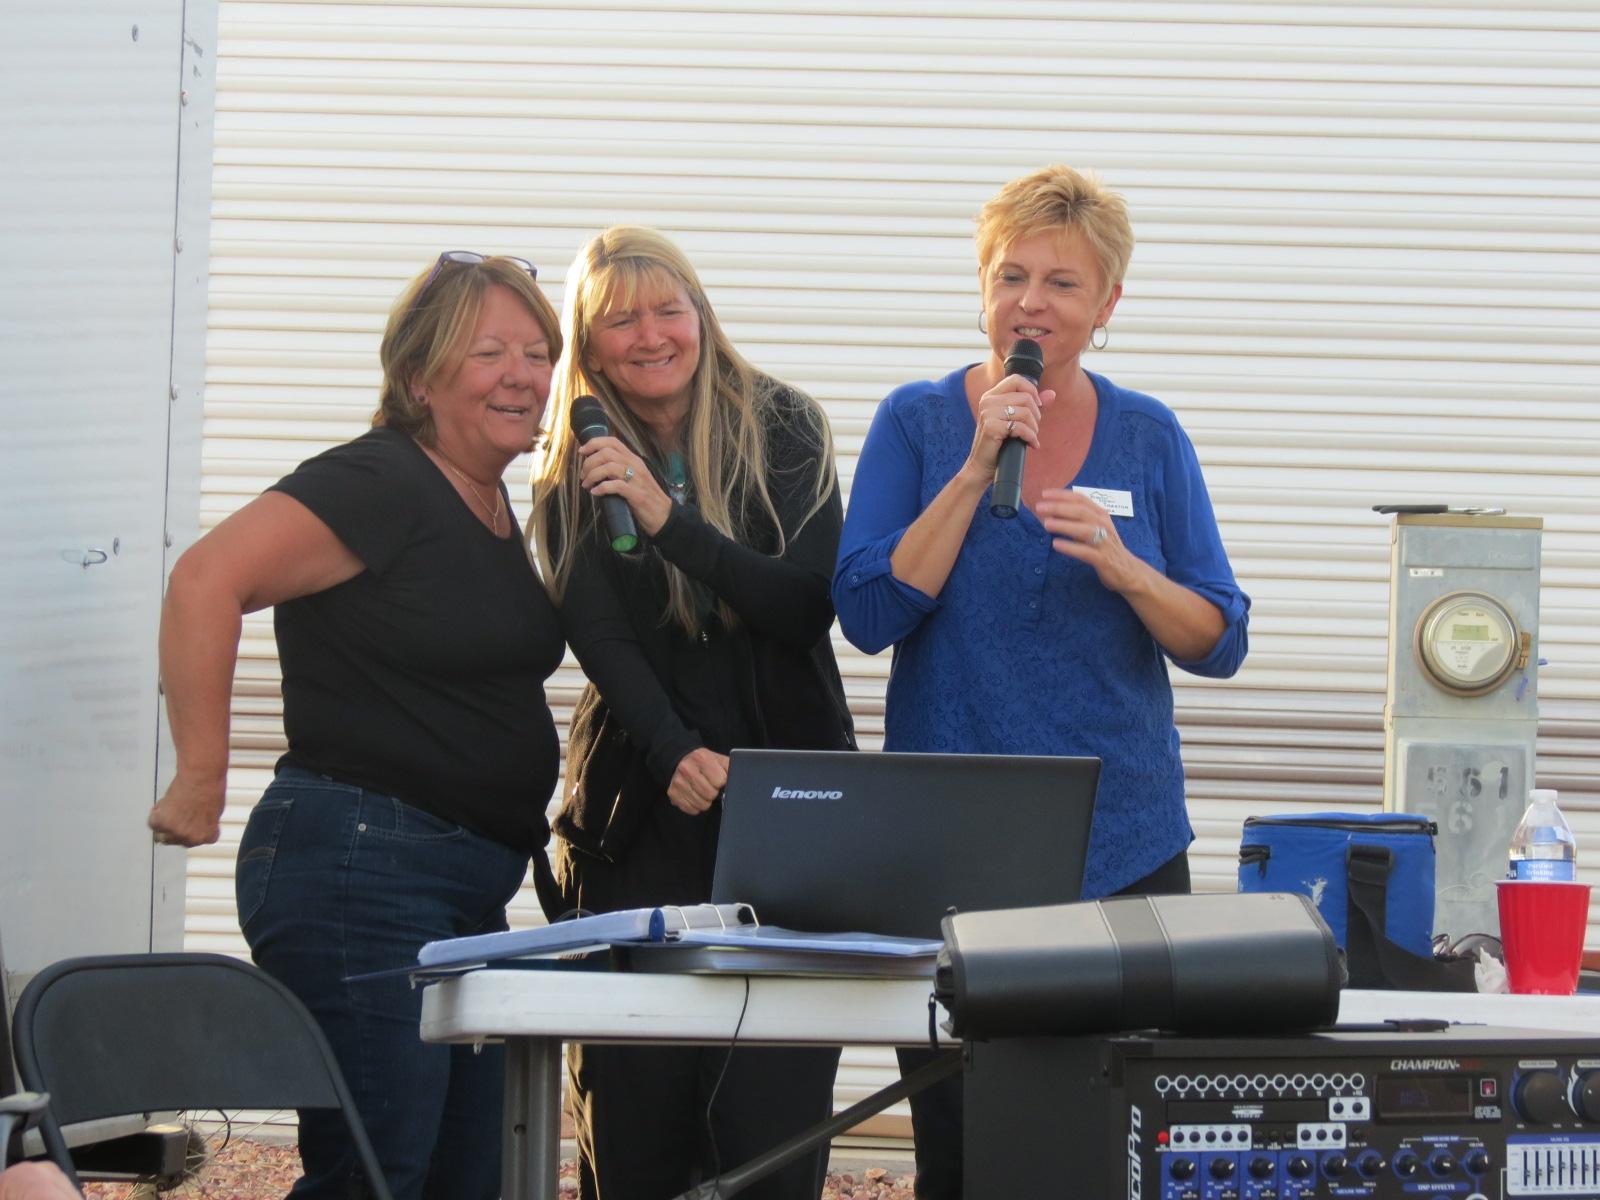 The Girls just having fun at Karaoke